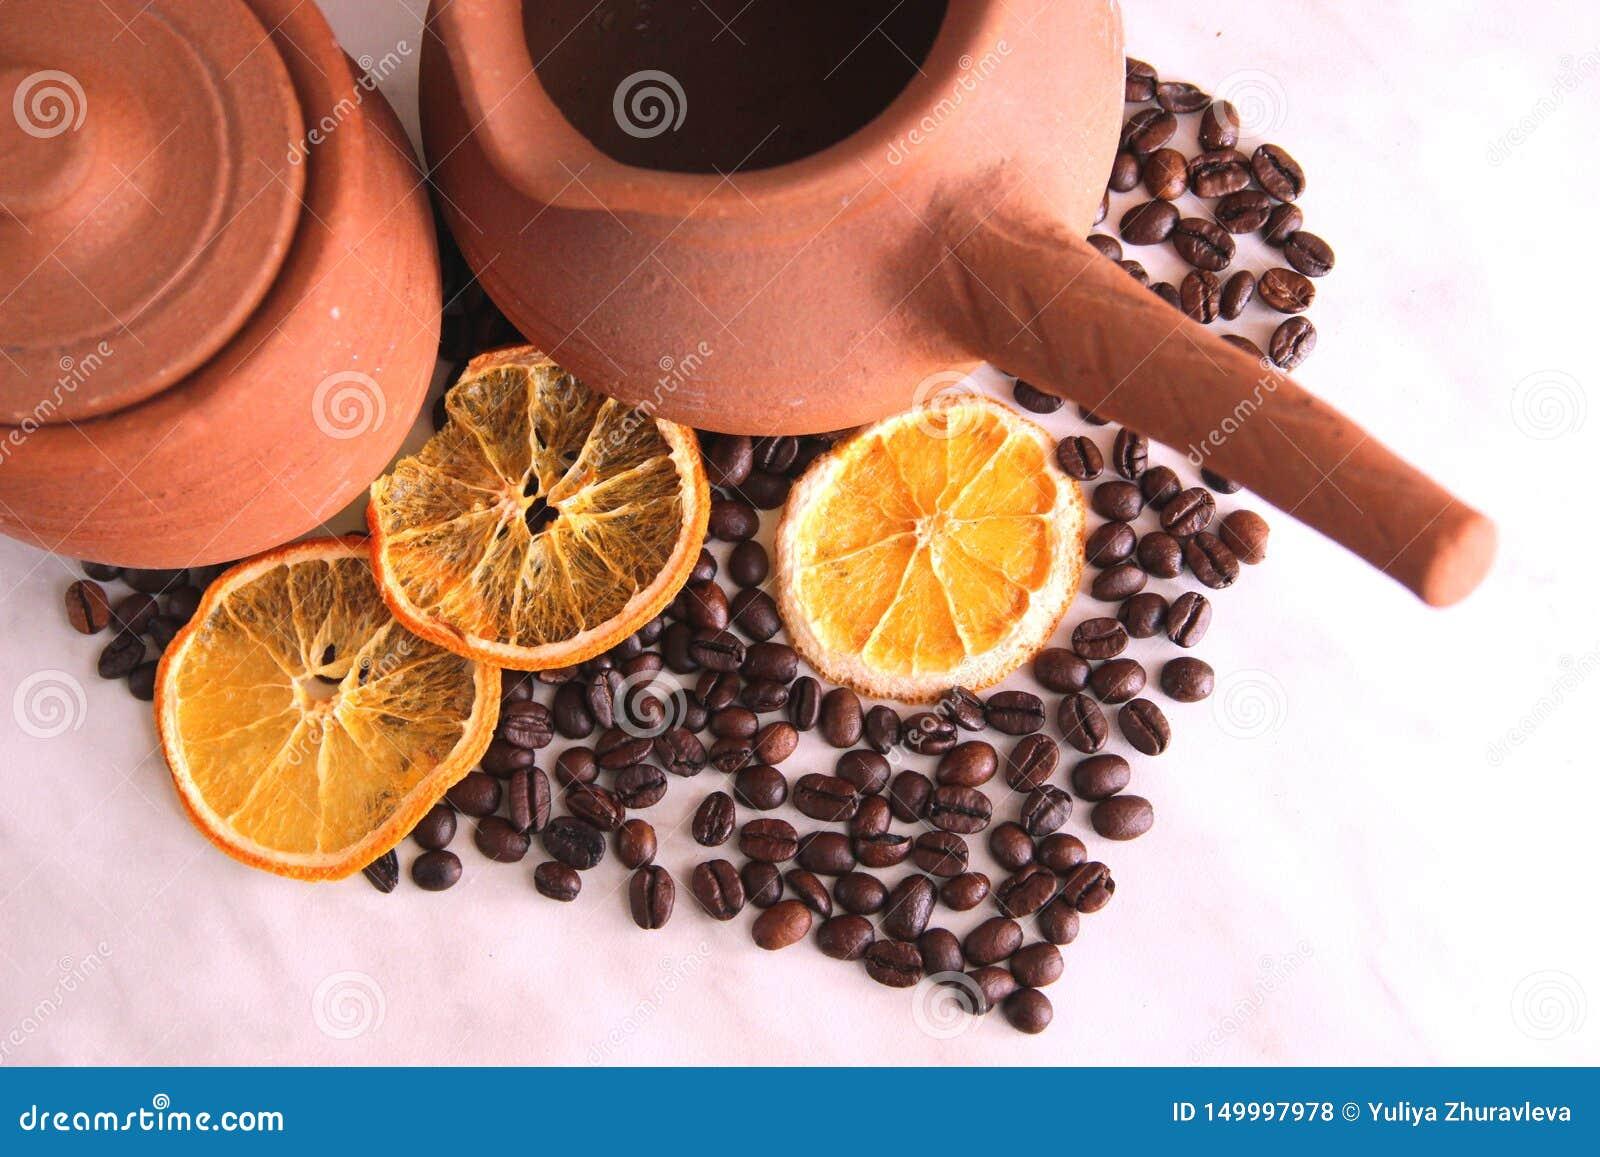 Bruine kleischotels, kruik met handvat voor koffie en kruikmelk, heel wat geroosterde koffiebonen en droge sinaasappelen, hart